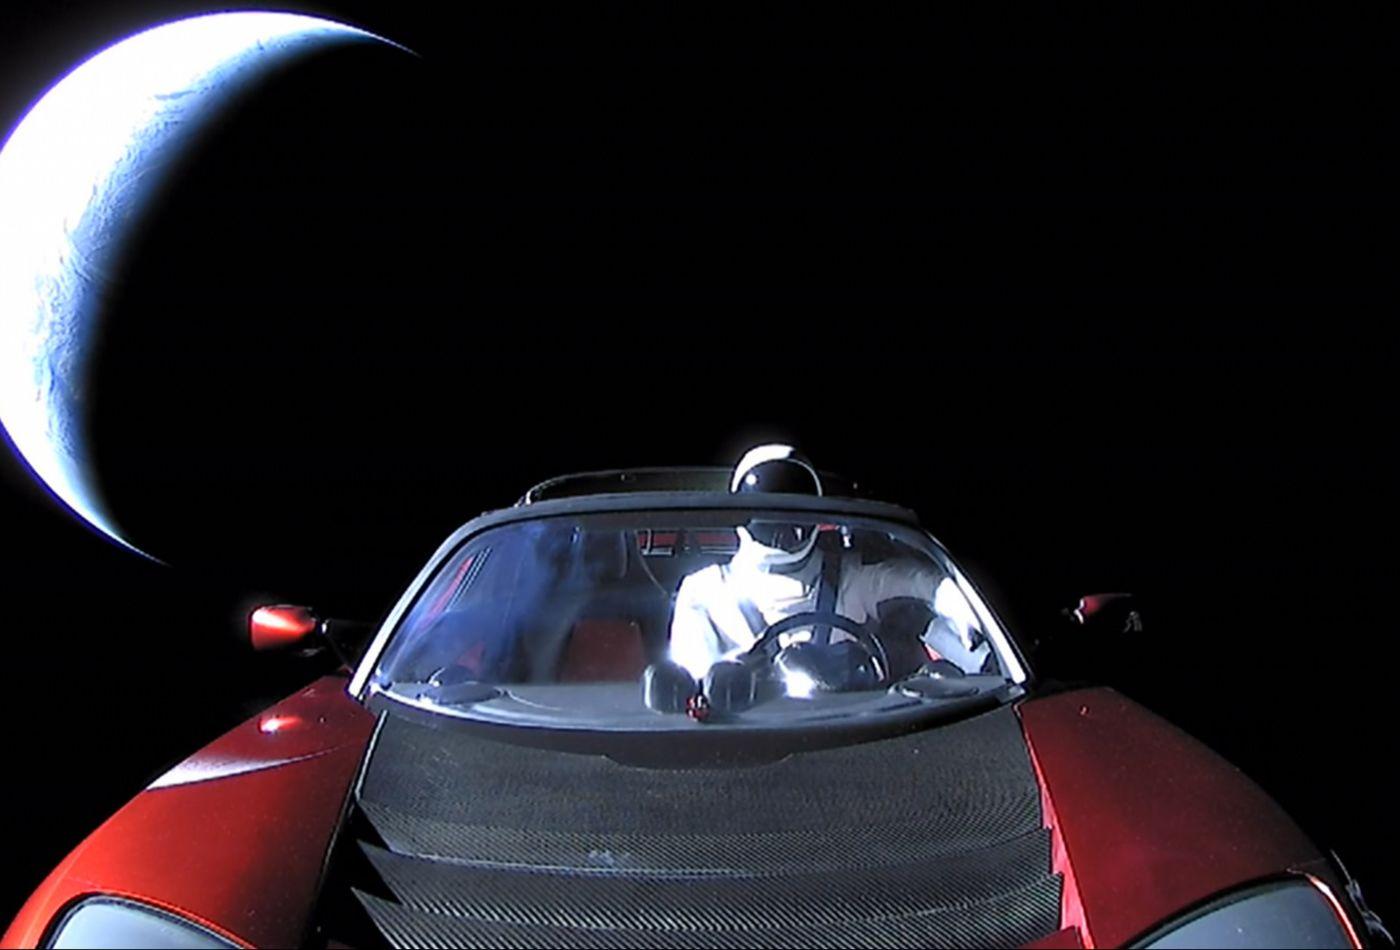 Samochód, który Elon Musk wystrzeli³ w kosmos, w³a¶nie po raz pierwszy okr±¿y³ S³oñce